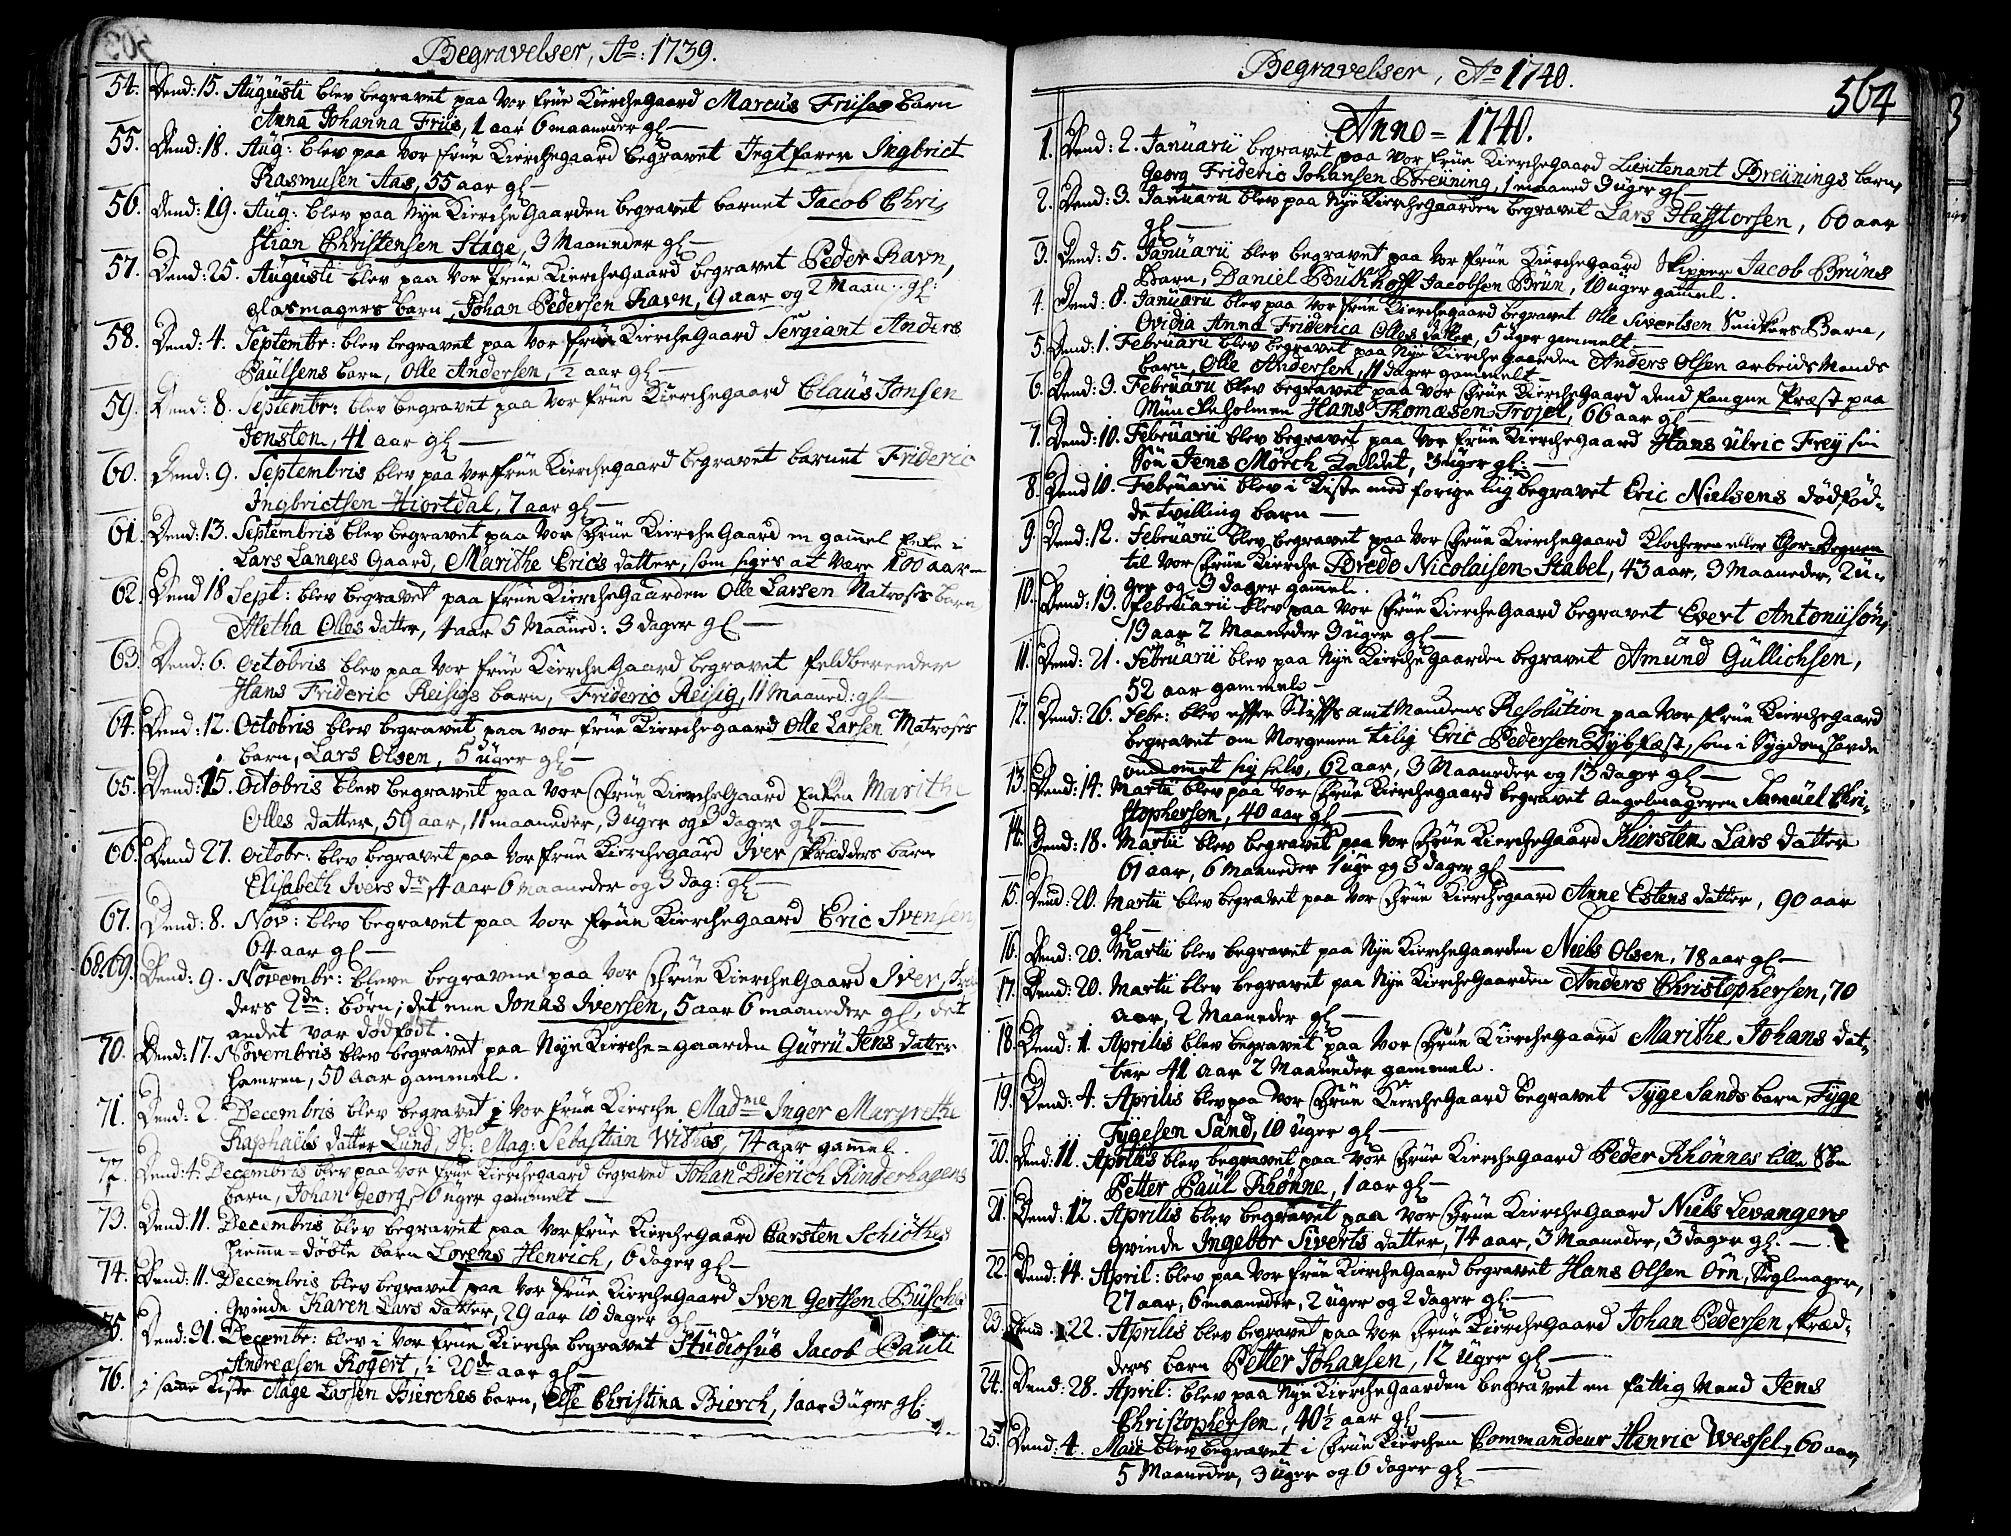 SAT, Ministerialprotokoller, klokkerbøker og fødselsregistre - Sør-Trøndelag, 602/L0103: Ministerialbok nr. 602A01, 1732-1774, s. 564